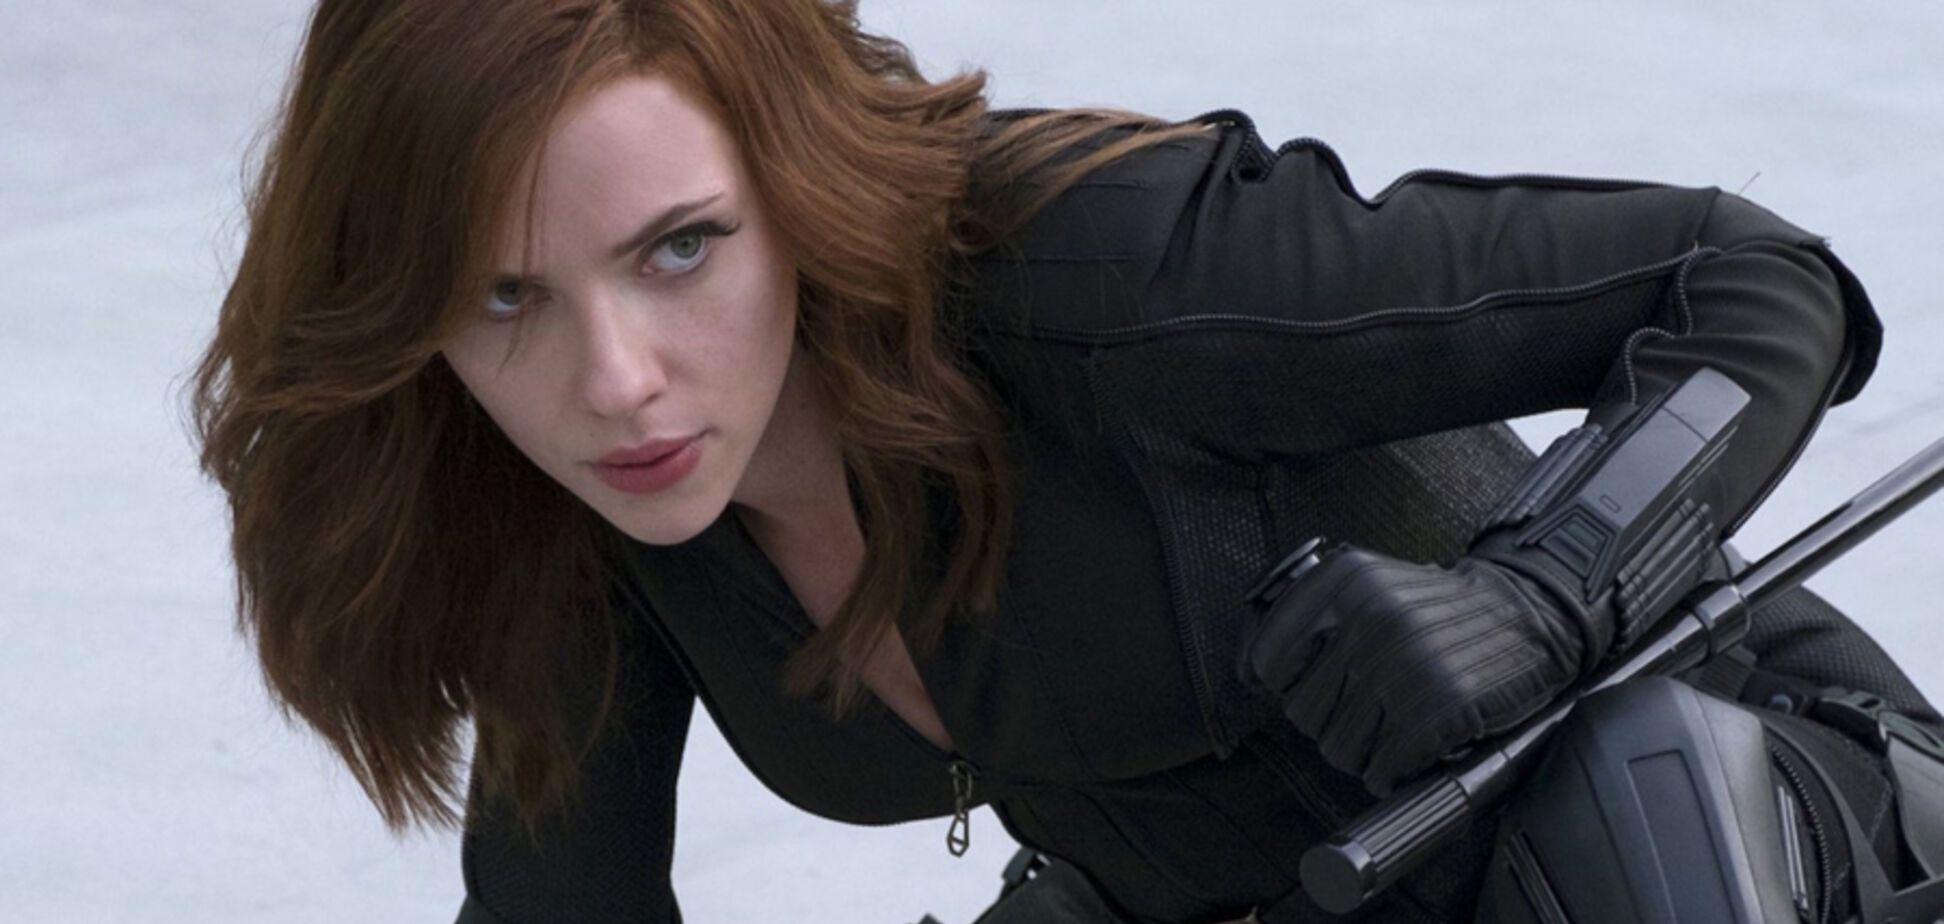 'Черная вдова' Marvel: когда выйдет, трейлер, где смотреть онлайн